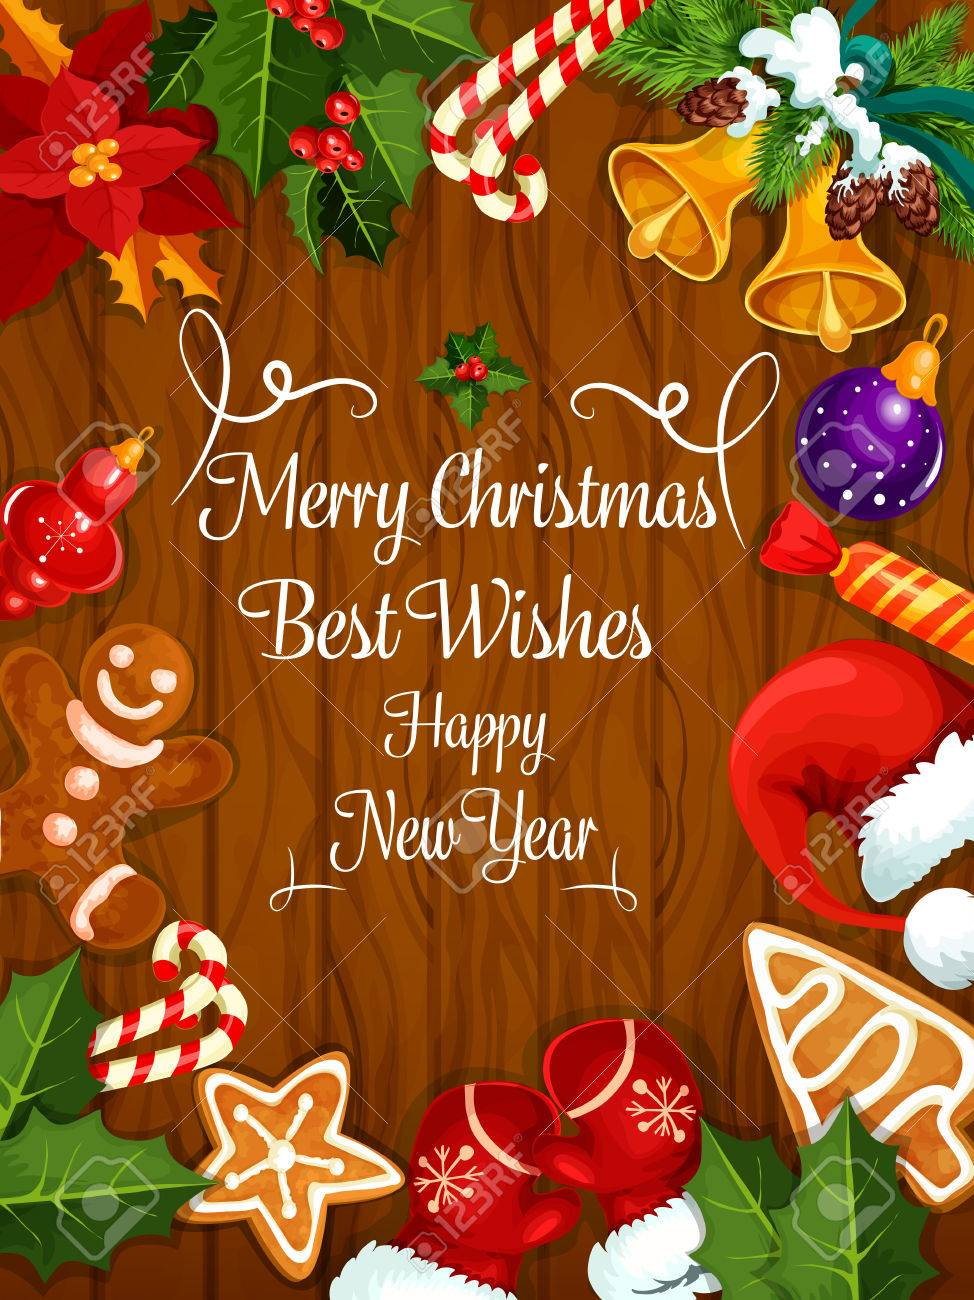 Frohe Weihnachten Grusskarte Silvester Beste Wunsche Poster Mit